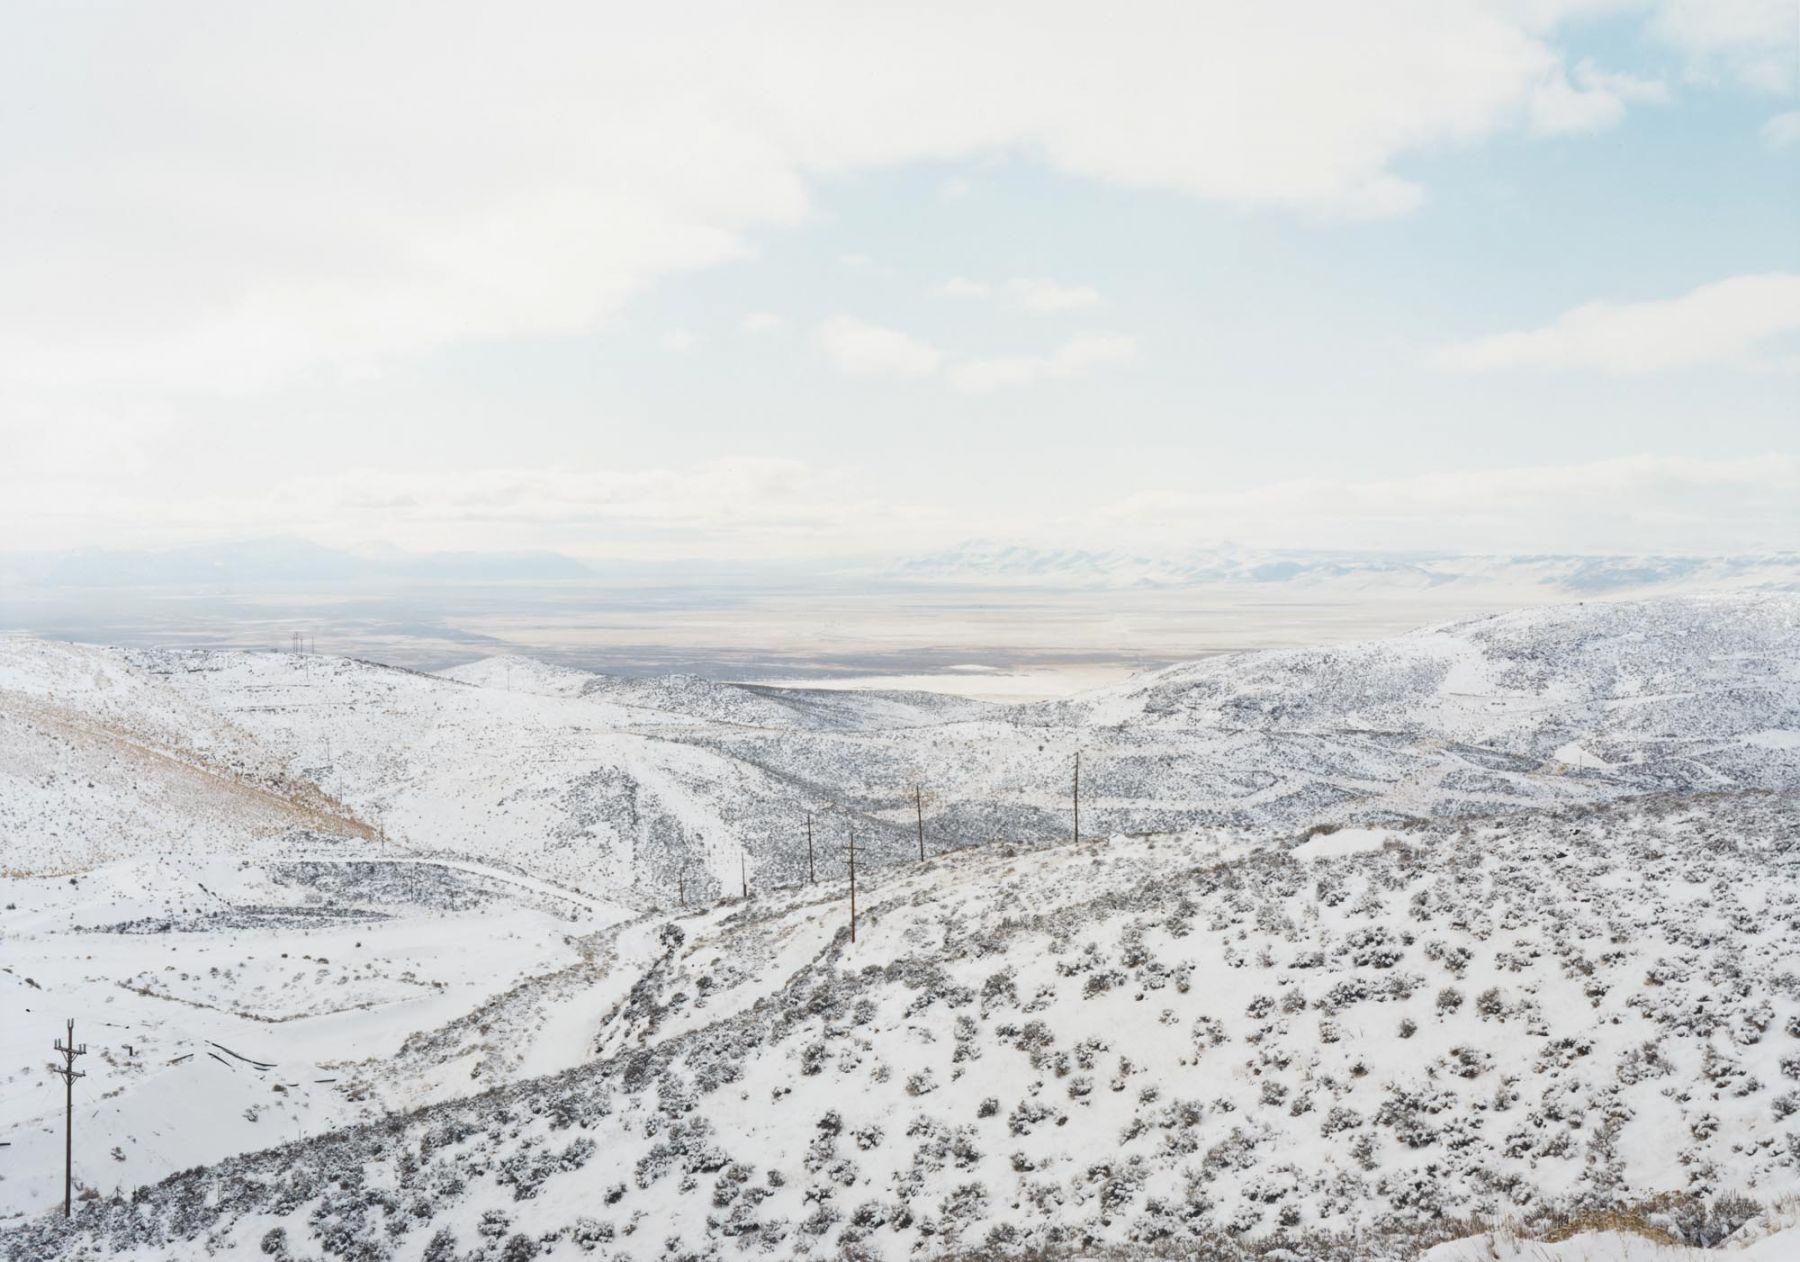 Untitled, Carlin, Nevada, 2007, 39 x 55 inch or 55 x 75 inch chromogenic print